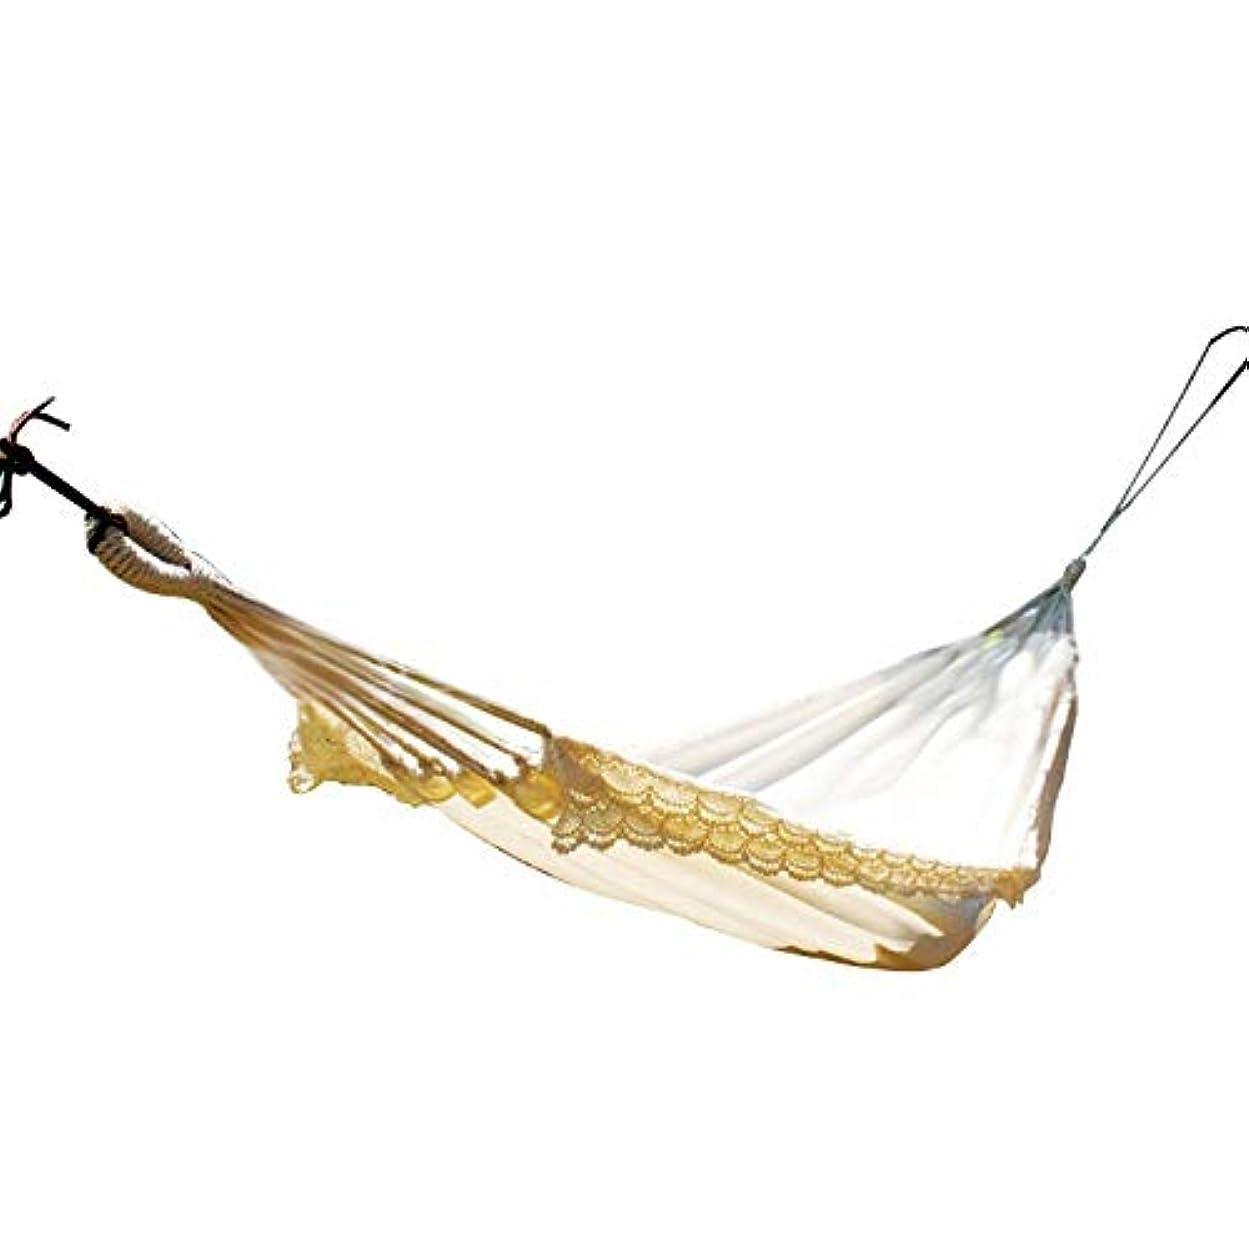 増強土マニアコットンシングルハンモック無料巾着ポータブルキャリーバッグ軽量ハンモックスイング人ツリースタンドキャンプロープ